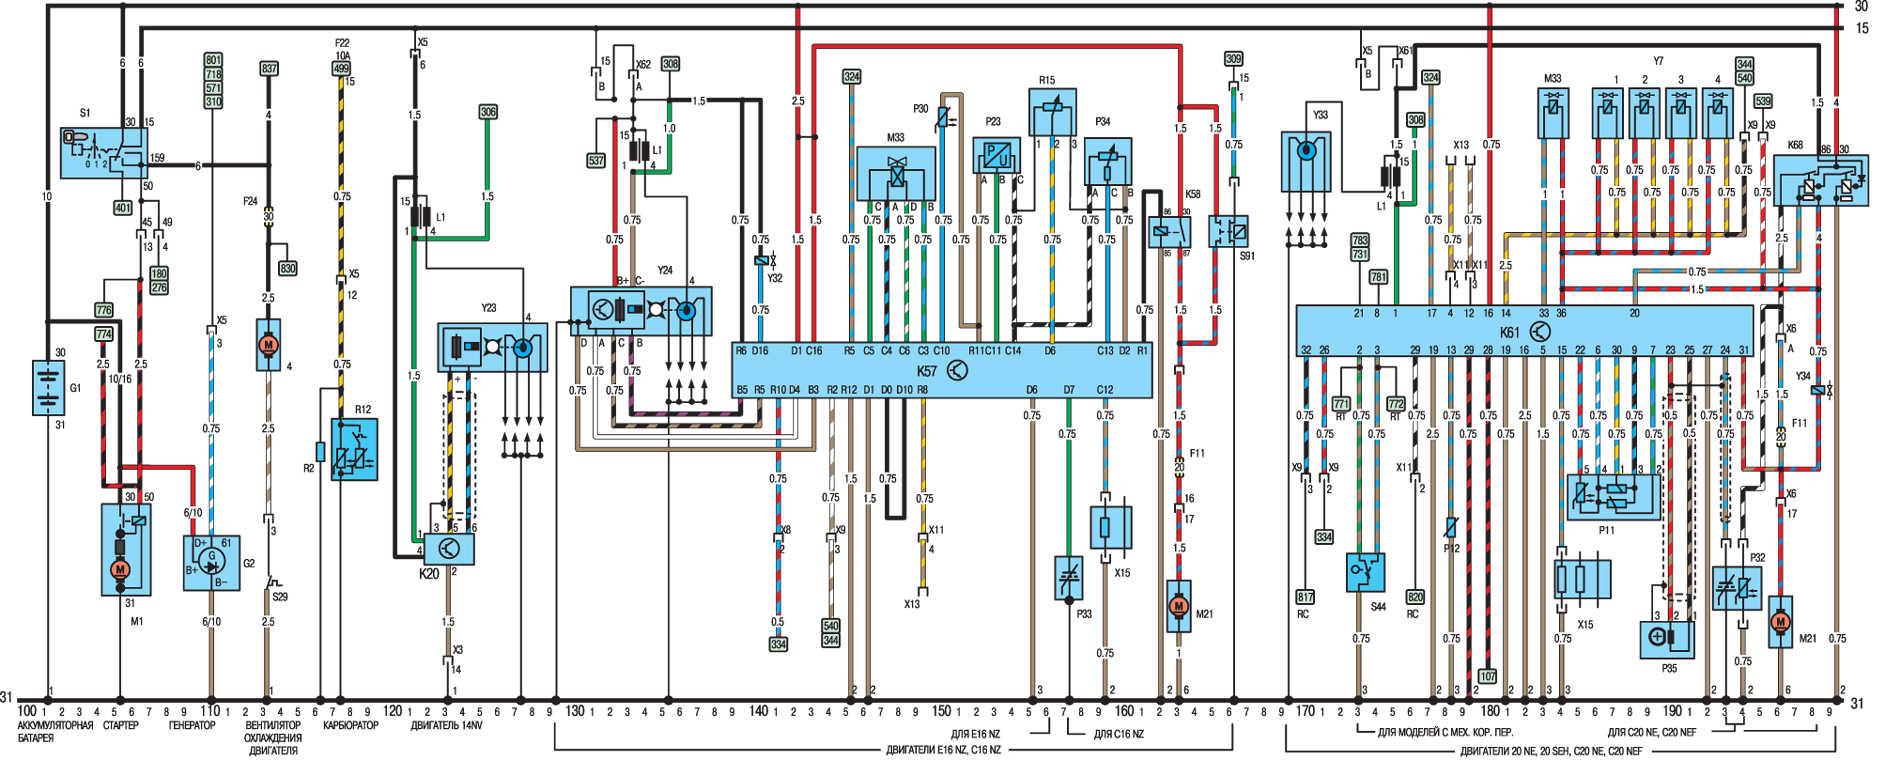 Электрическая схема включения сабвуфера при наличии сигнала